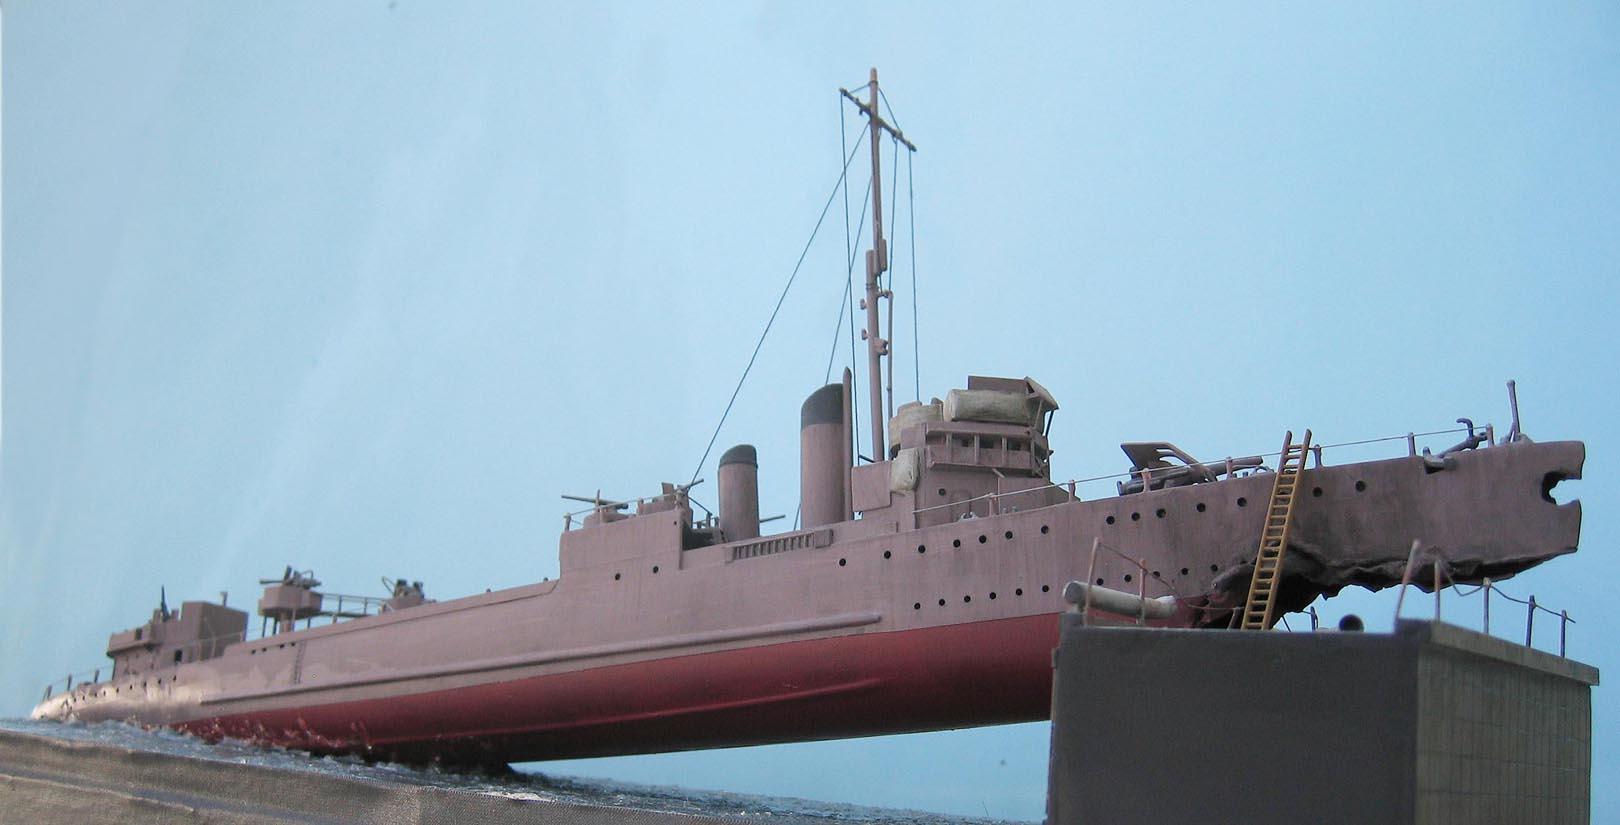 [Revell] Destroyer HMS Campbeltown - 1/240. 709393Campbel58